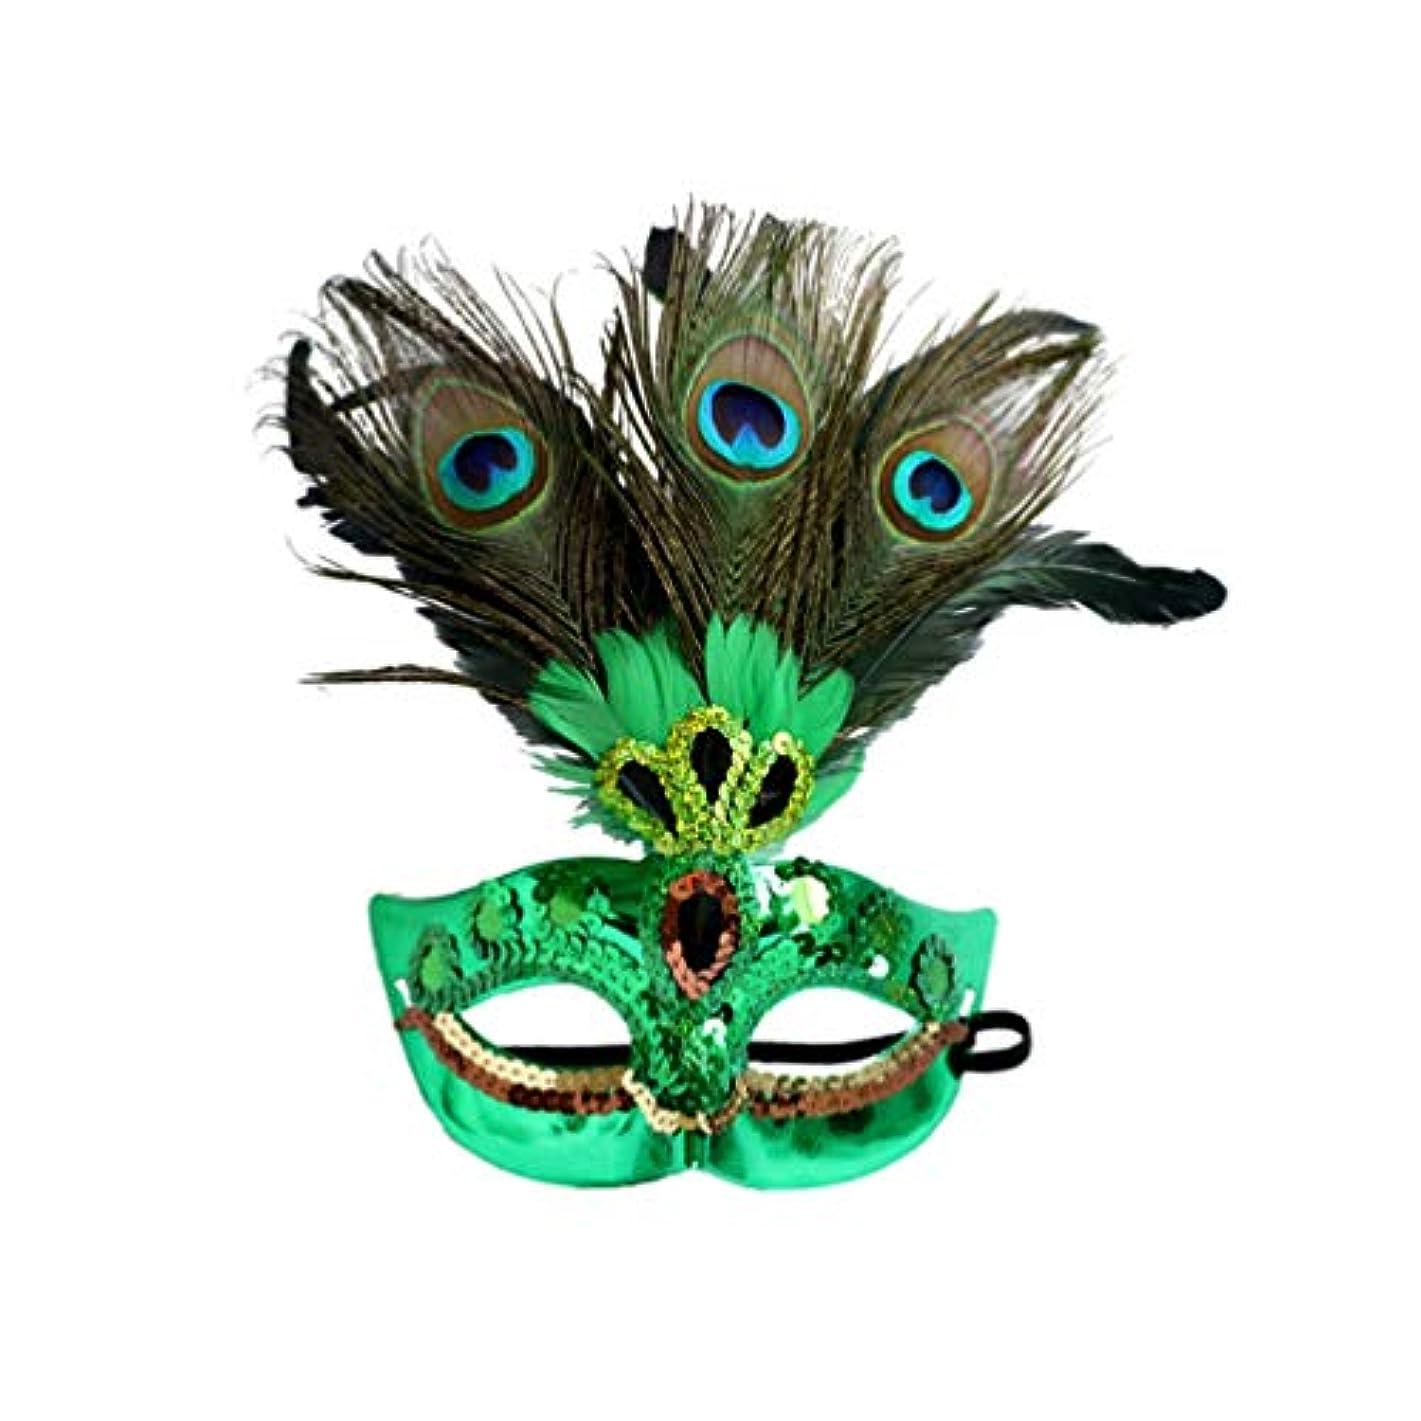 苦い活力悪因子Amosfun 1ピースクリエイティブ耐久性のあるportativeクリスマスマスク羽プラスチッククジャク用マスカレード大人コスプレクリスマスパーティー